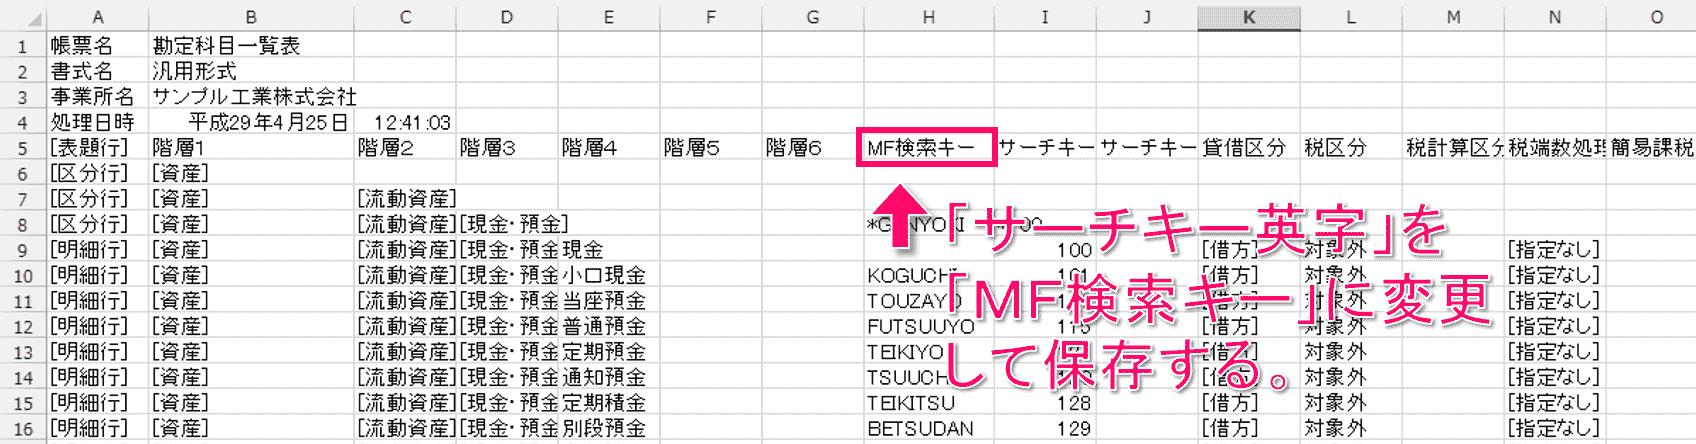 弥生会計からエクスポートした勘定科目一覧表のCSVファイルを開く